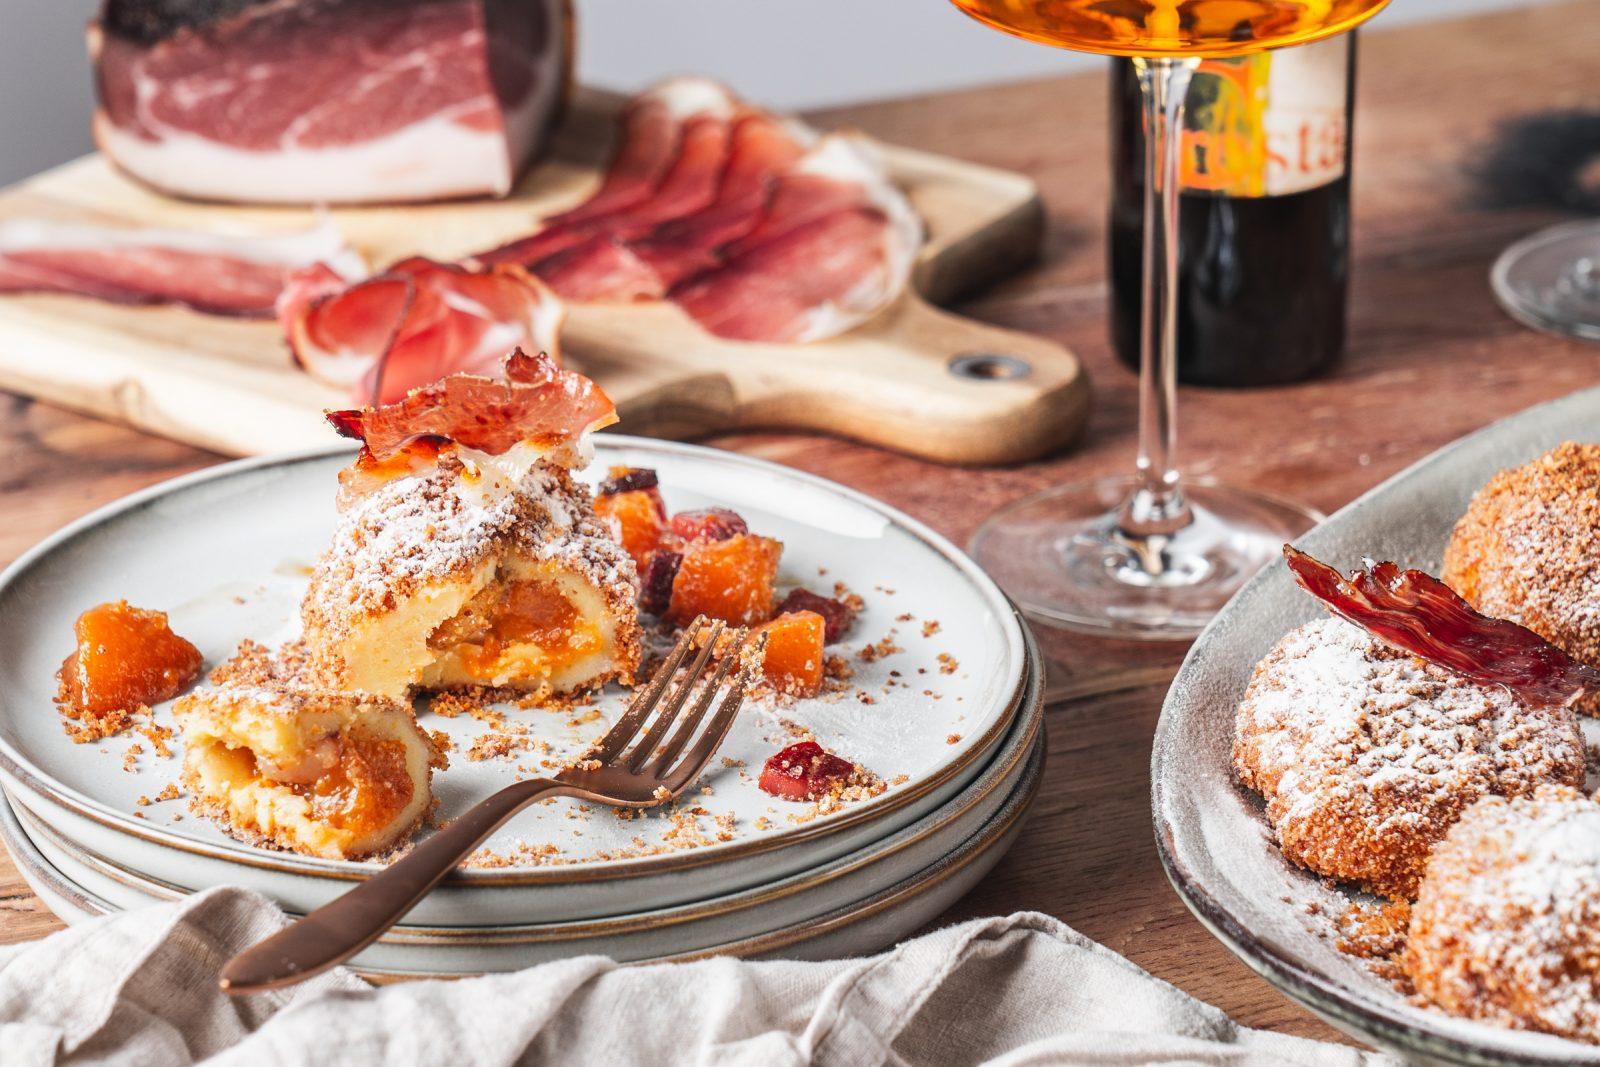 Rezept für süße Marillenknödel mit Südtiroler Speck g.g.A.! Eine wunderbare Kombination aus Frucht gepaart mit mild geräuchertem Schinken.